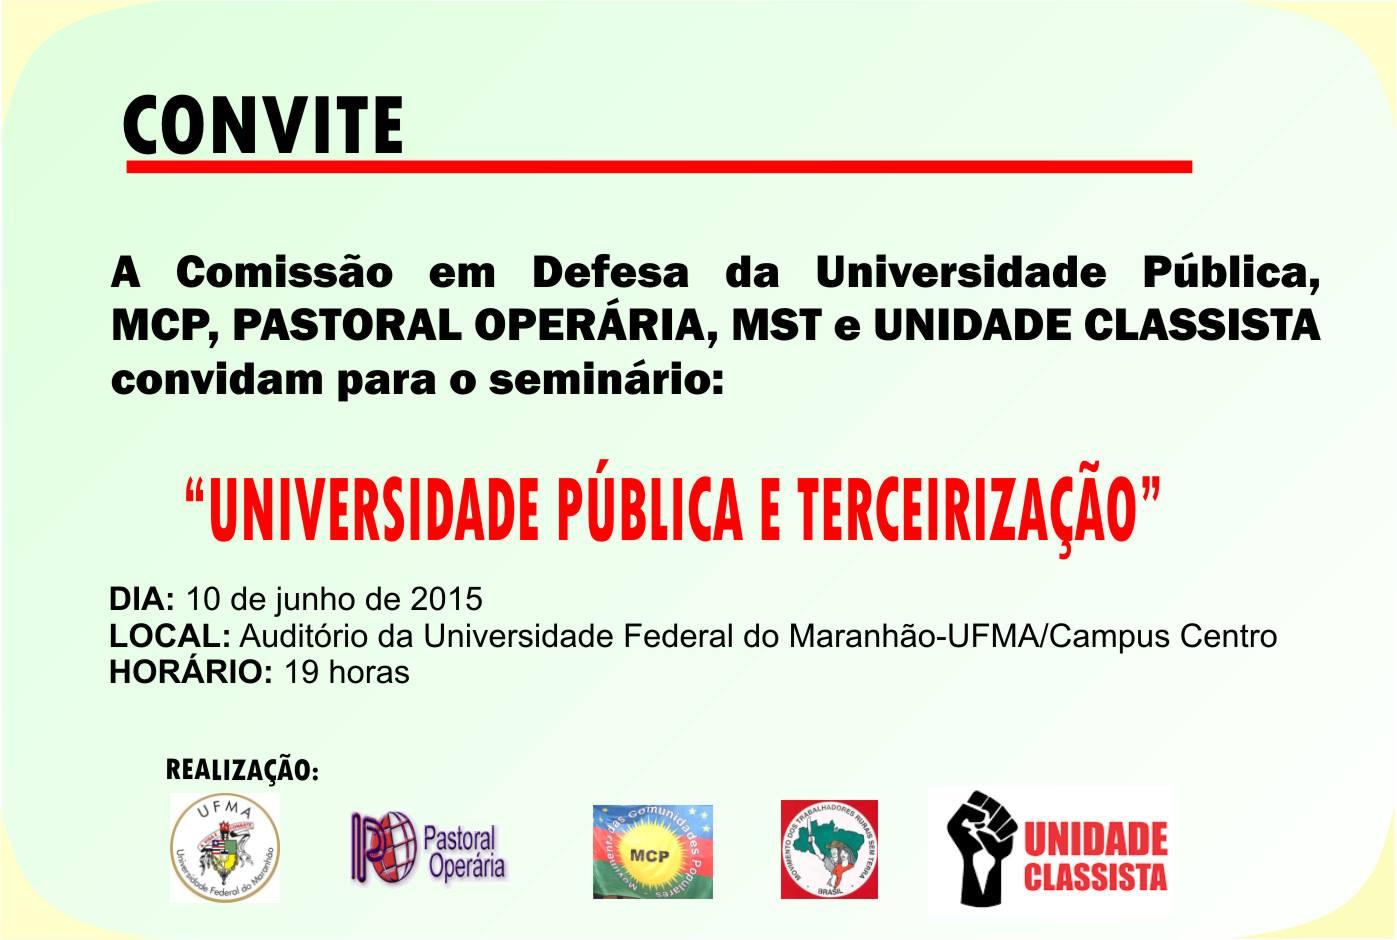 convite-greve Movimentos sociais discutem universidade pública Movimentos sociais discutem universidade pública e terceirização convite greve